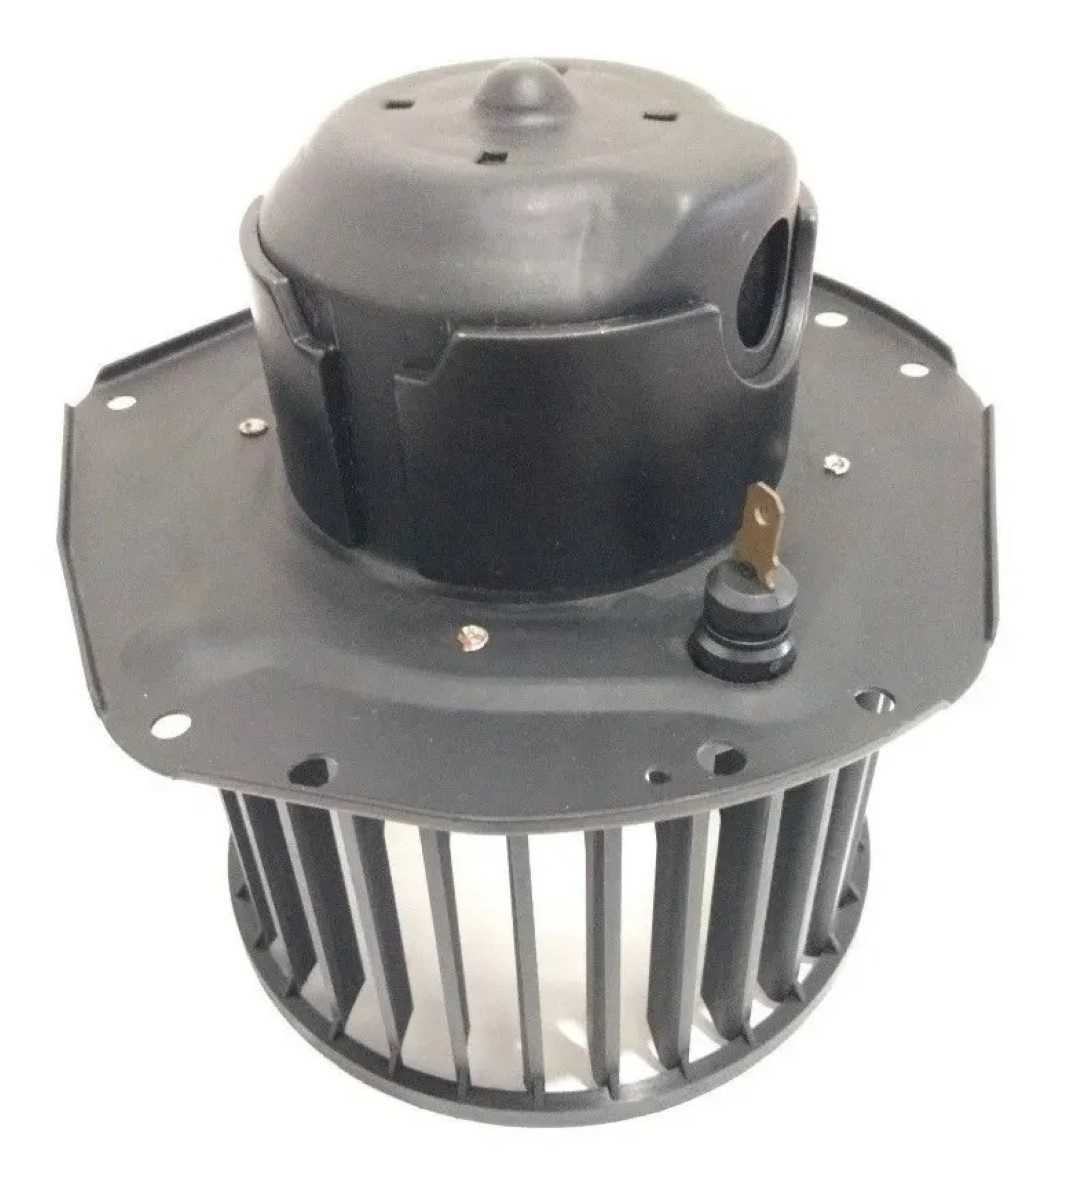 Motor Caixa Evaporadora Gm D20 C/Ar Oem-52460703